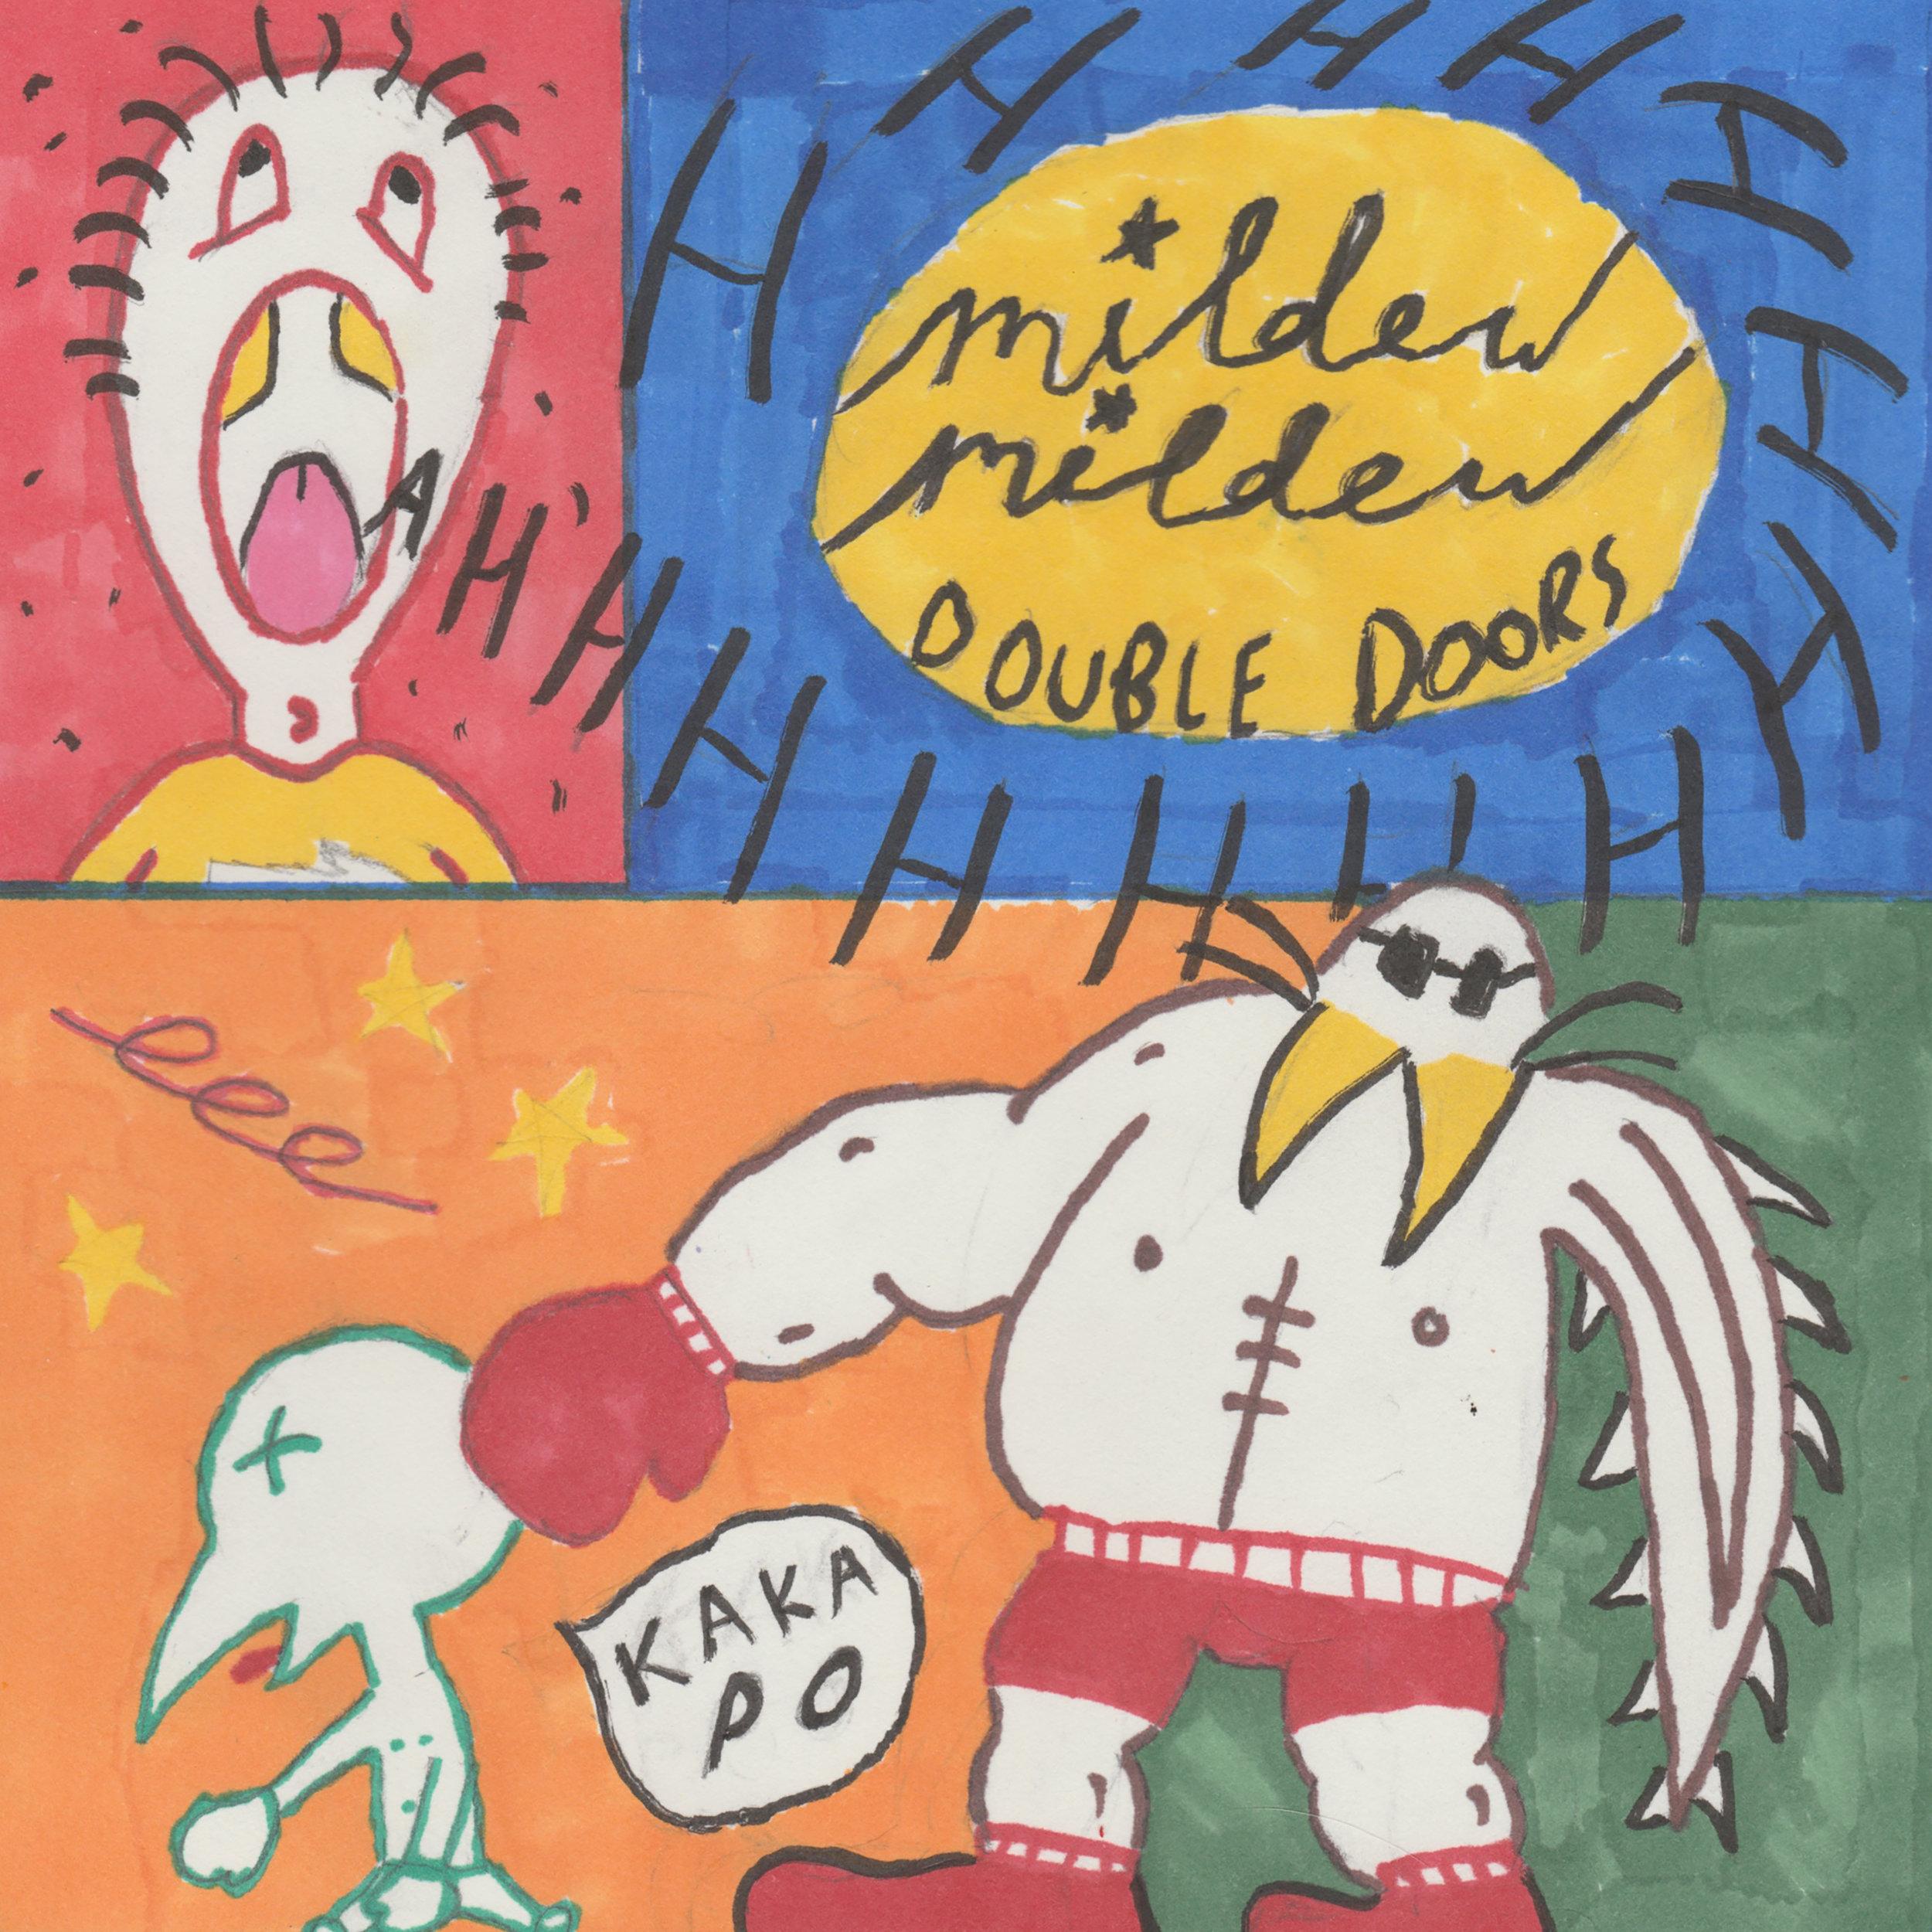 Double Doors (2019)